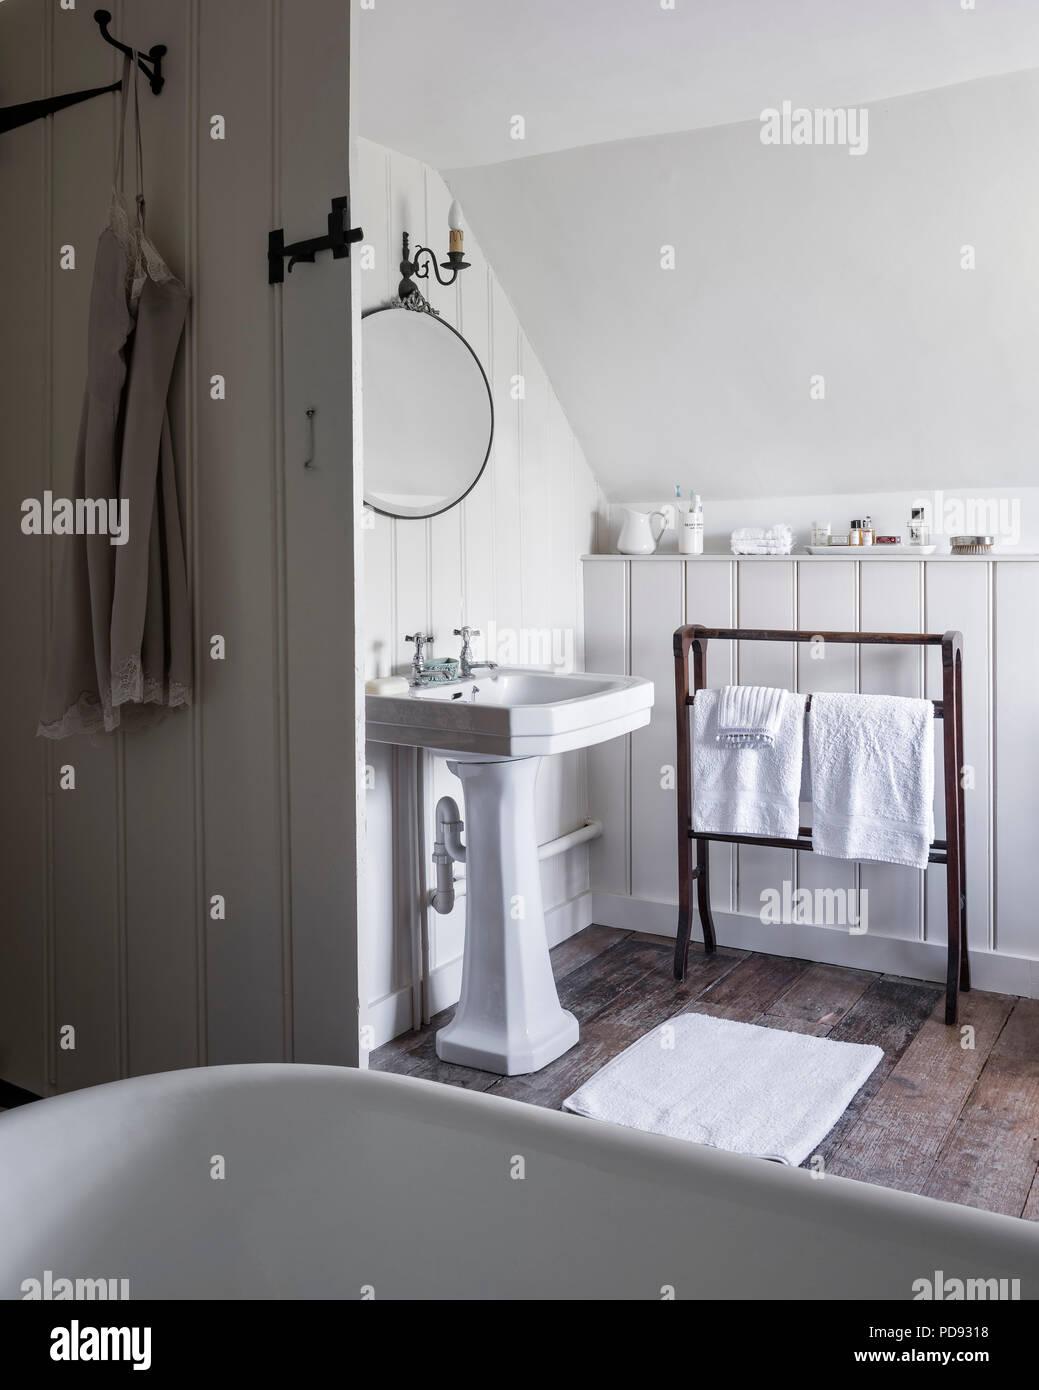 Freistehende Badewanne Im Dachgeschoss Badezimmer Mit Recyclingpapier  Wandverkleidung Und Sockel Becken